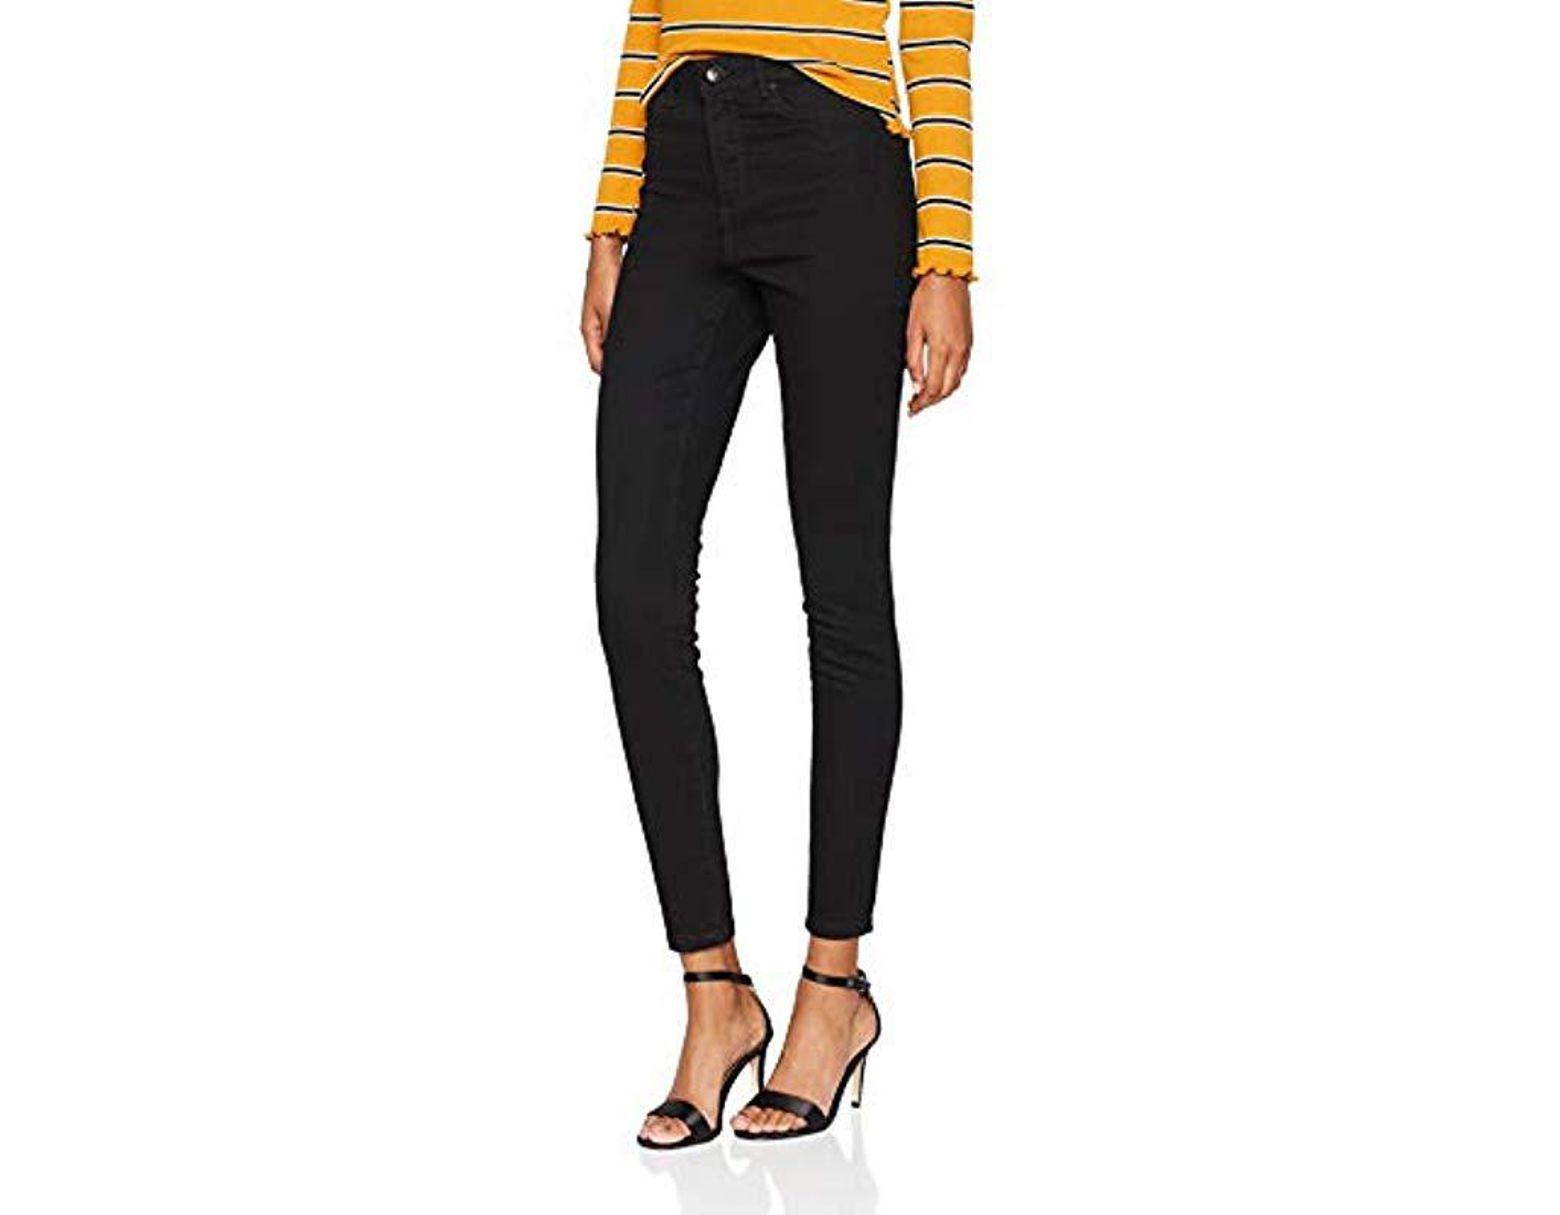 3be6849a1560 Women's Vmsophia Hw Skinny Jeans Black New Noos